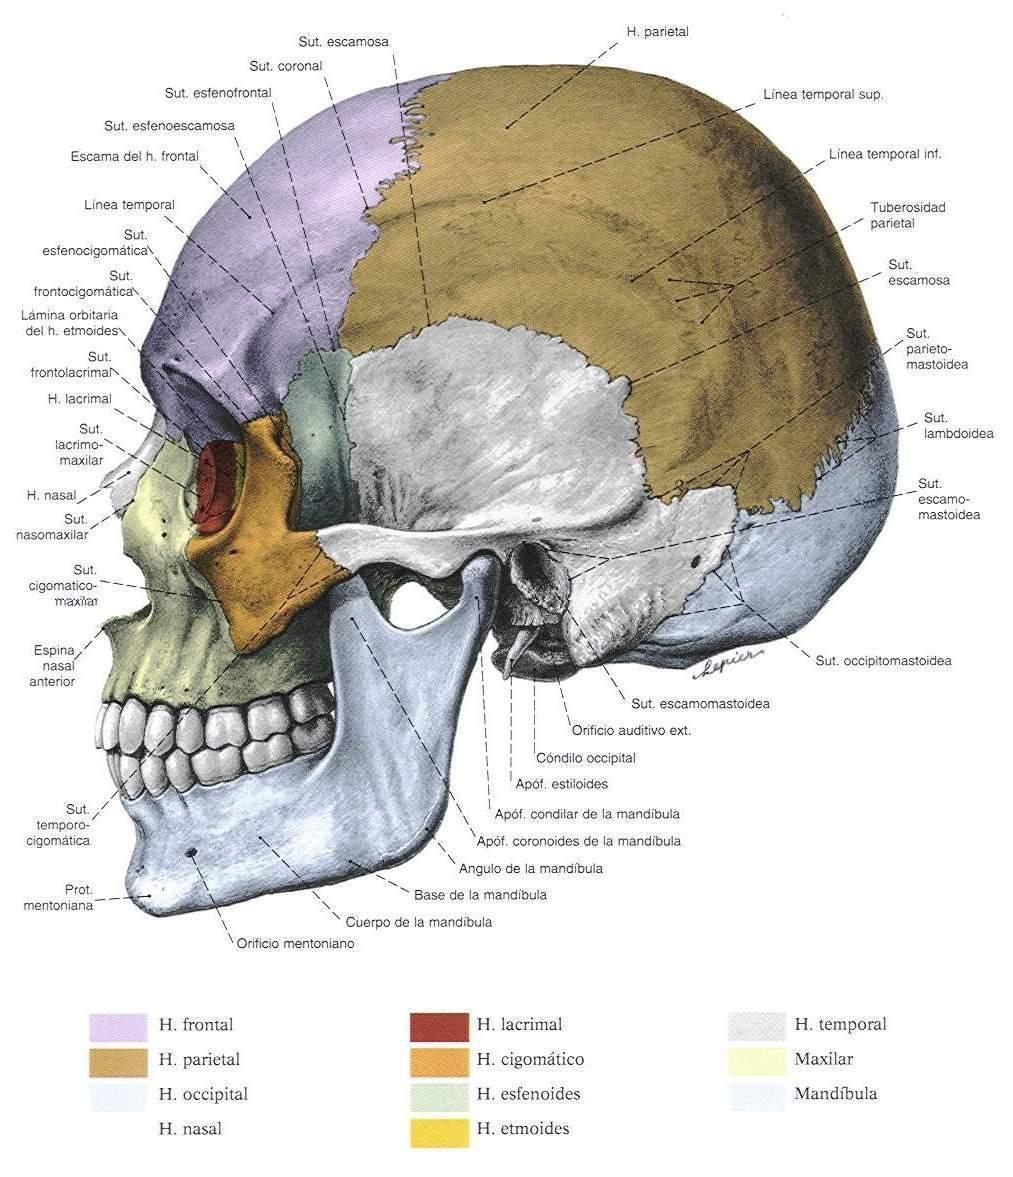 ... de Laboratorio para Odontologo: Osteologia Huesos del Craneo y la Cara